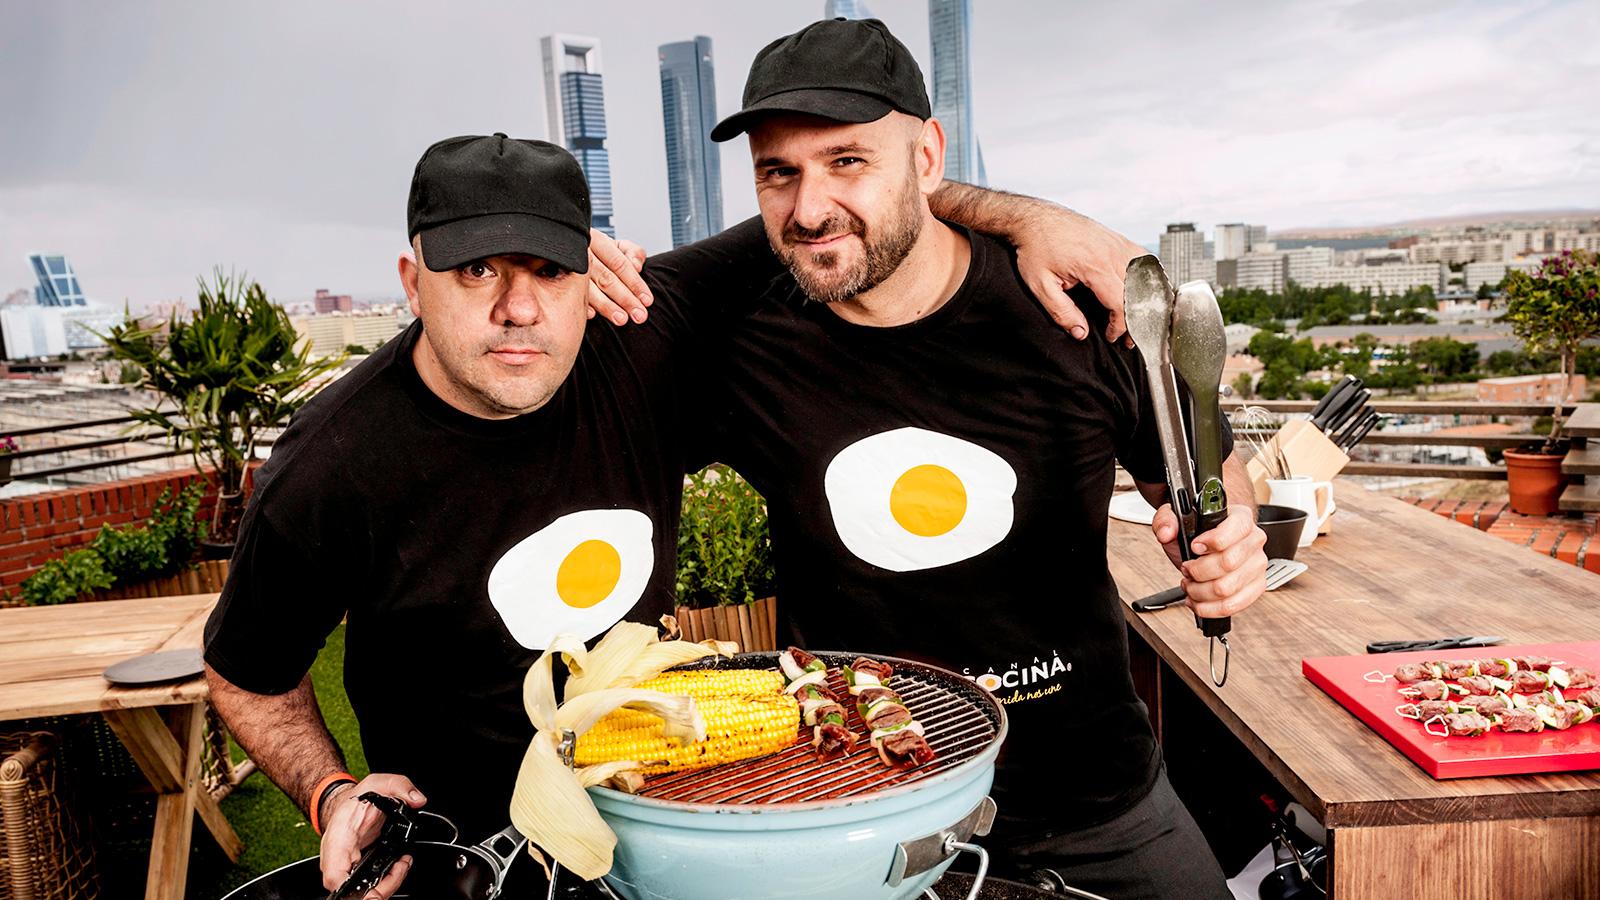 Escuela de cocina a la brasa bbq club cocineros canal - Canal cocina cocineros ...